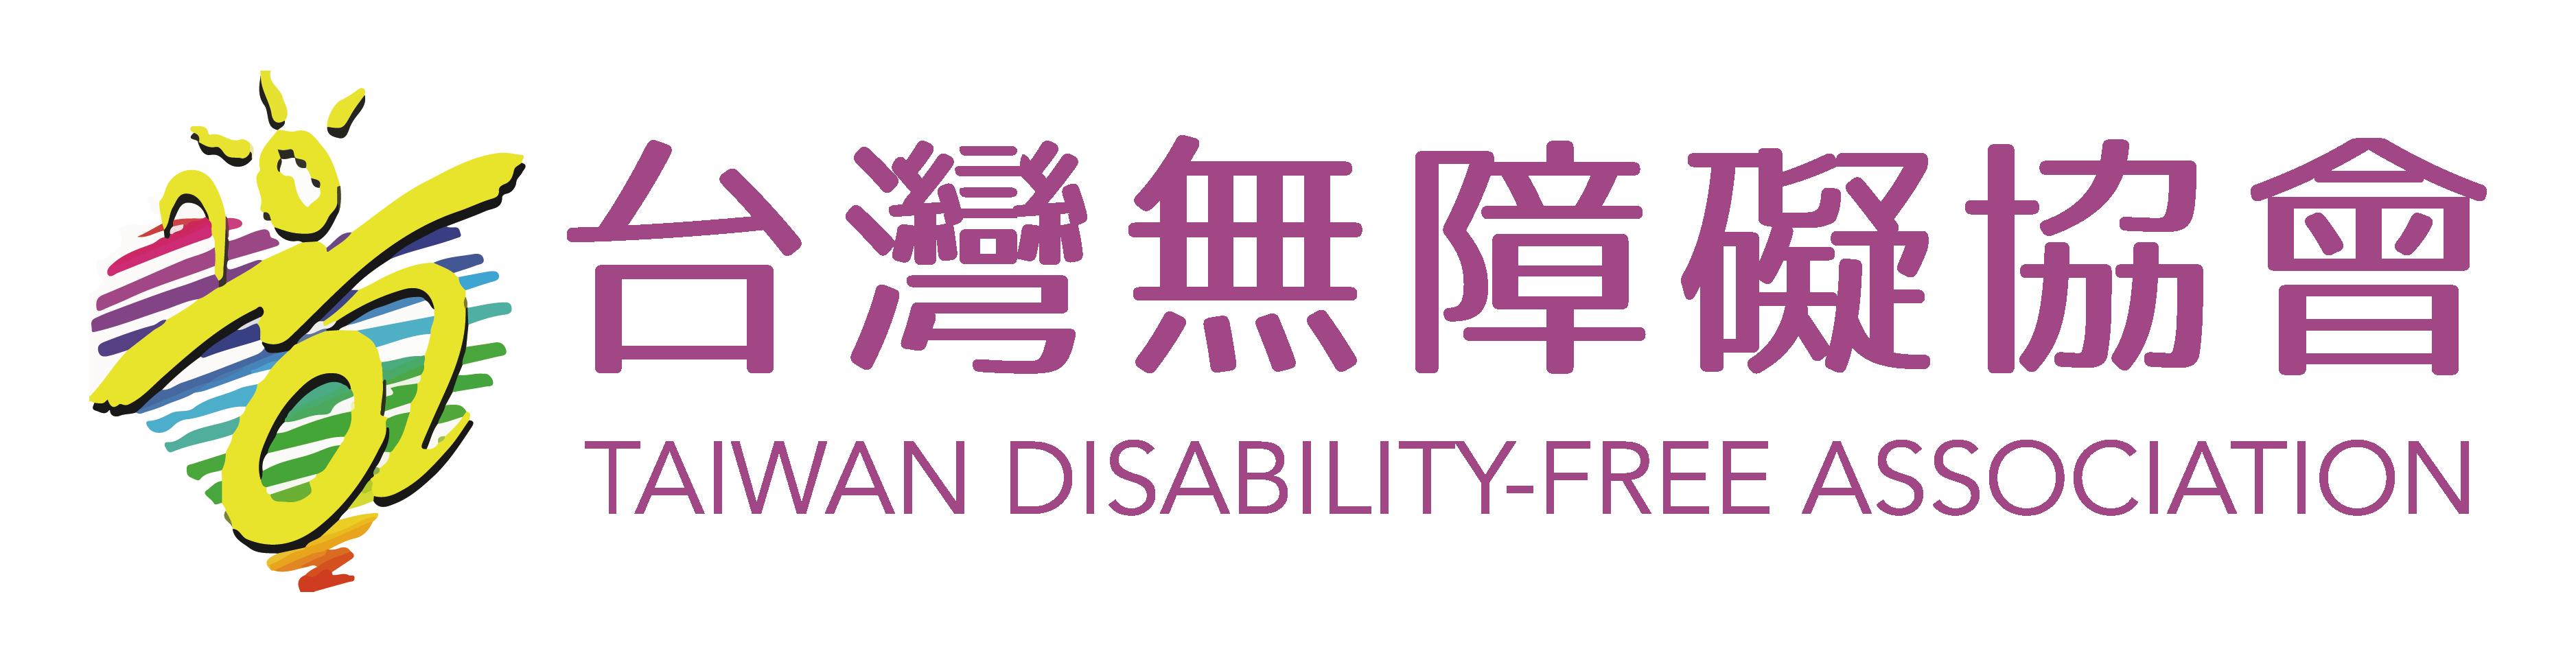 台灣無障礙協會